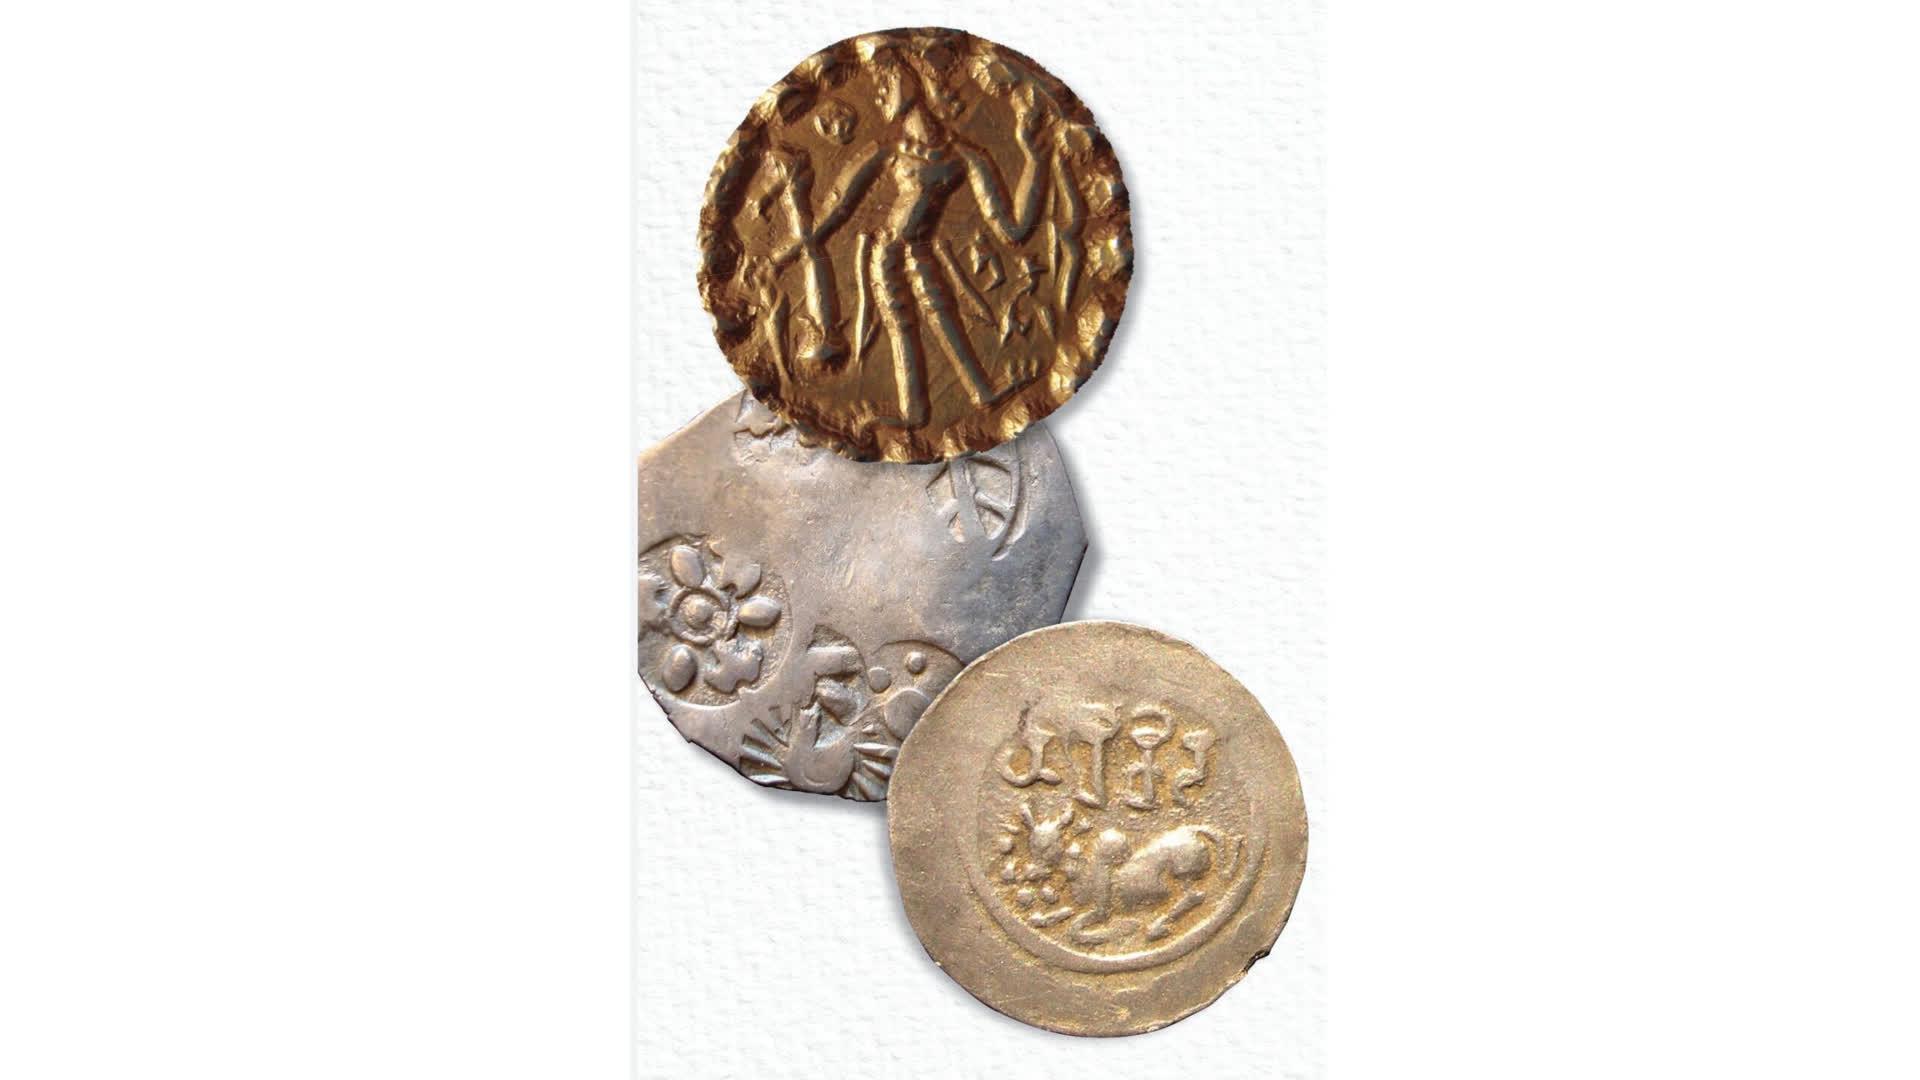 यूरोपीय यायावर और उनके सिक्के